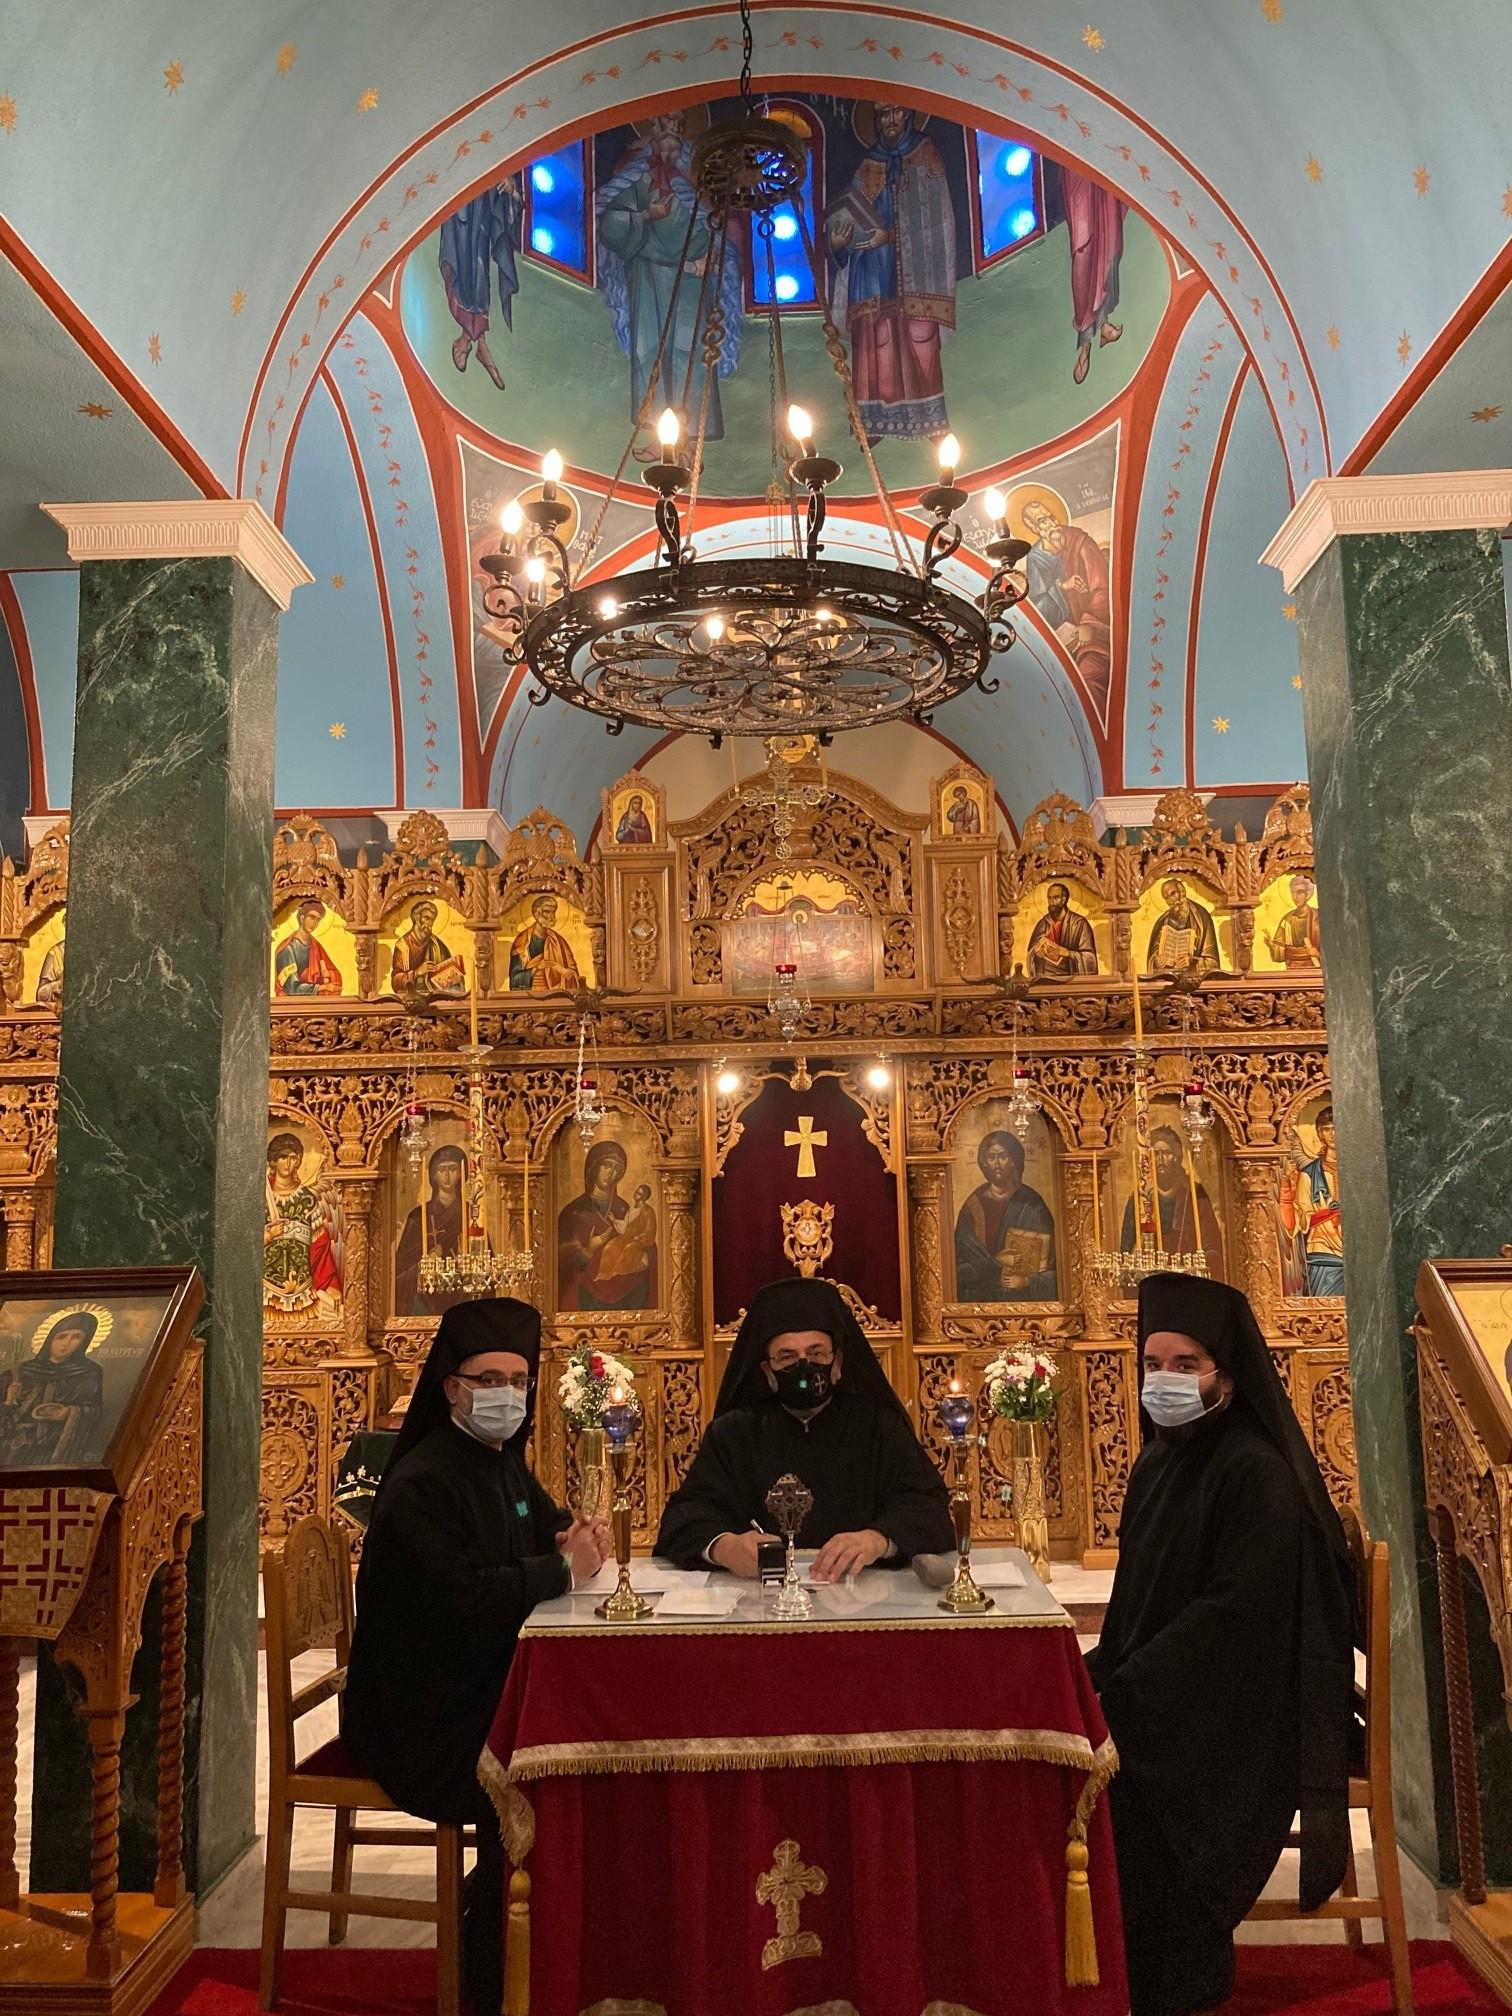 Νέος Ηγούμενος στην ιστορική Ιερά Μονή Αγίας Παρασκευής Διδυμοτείχου